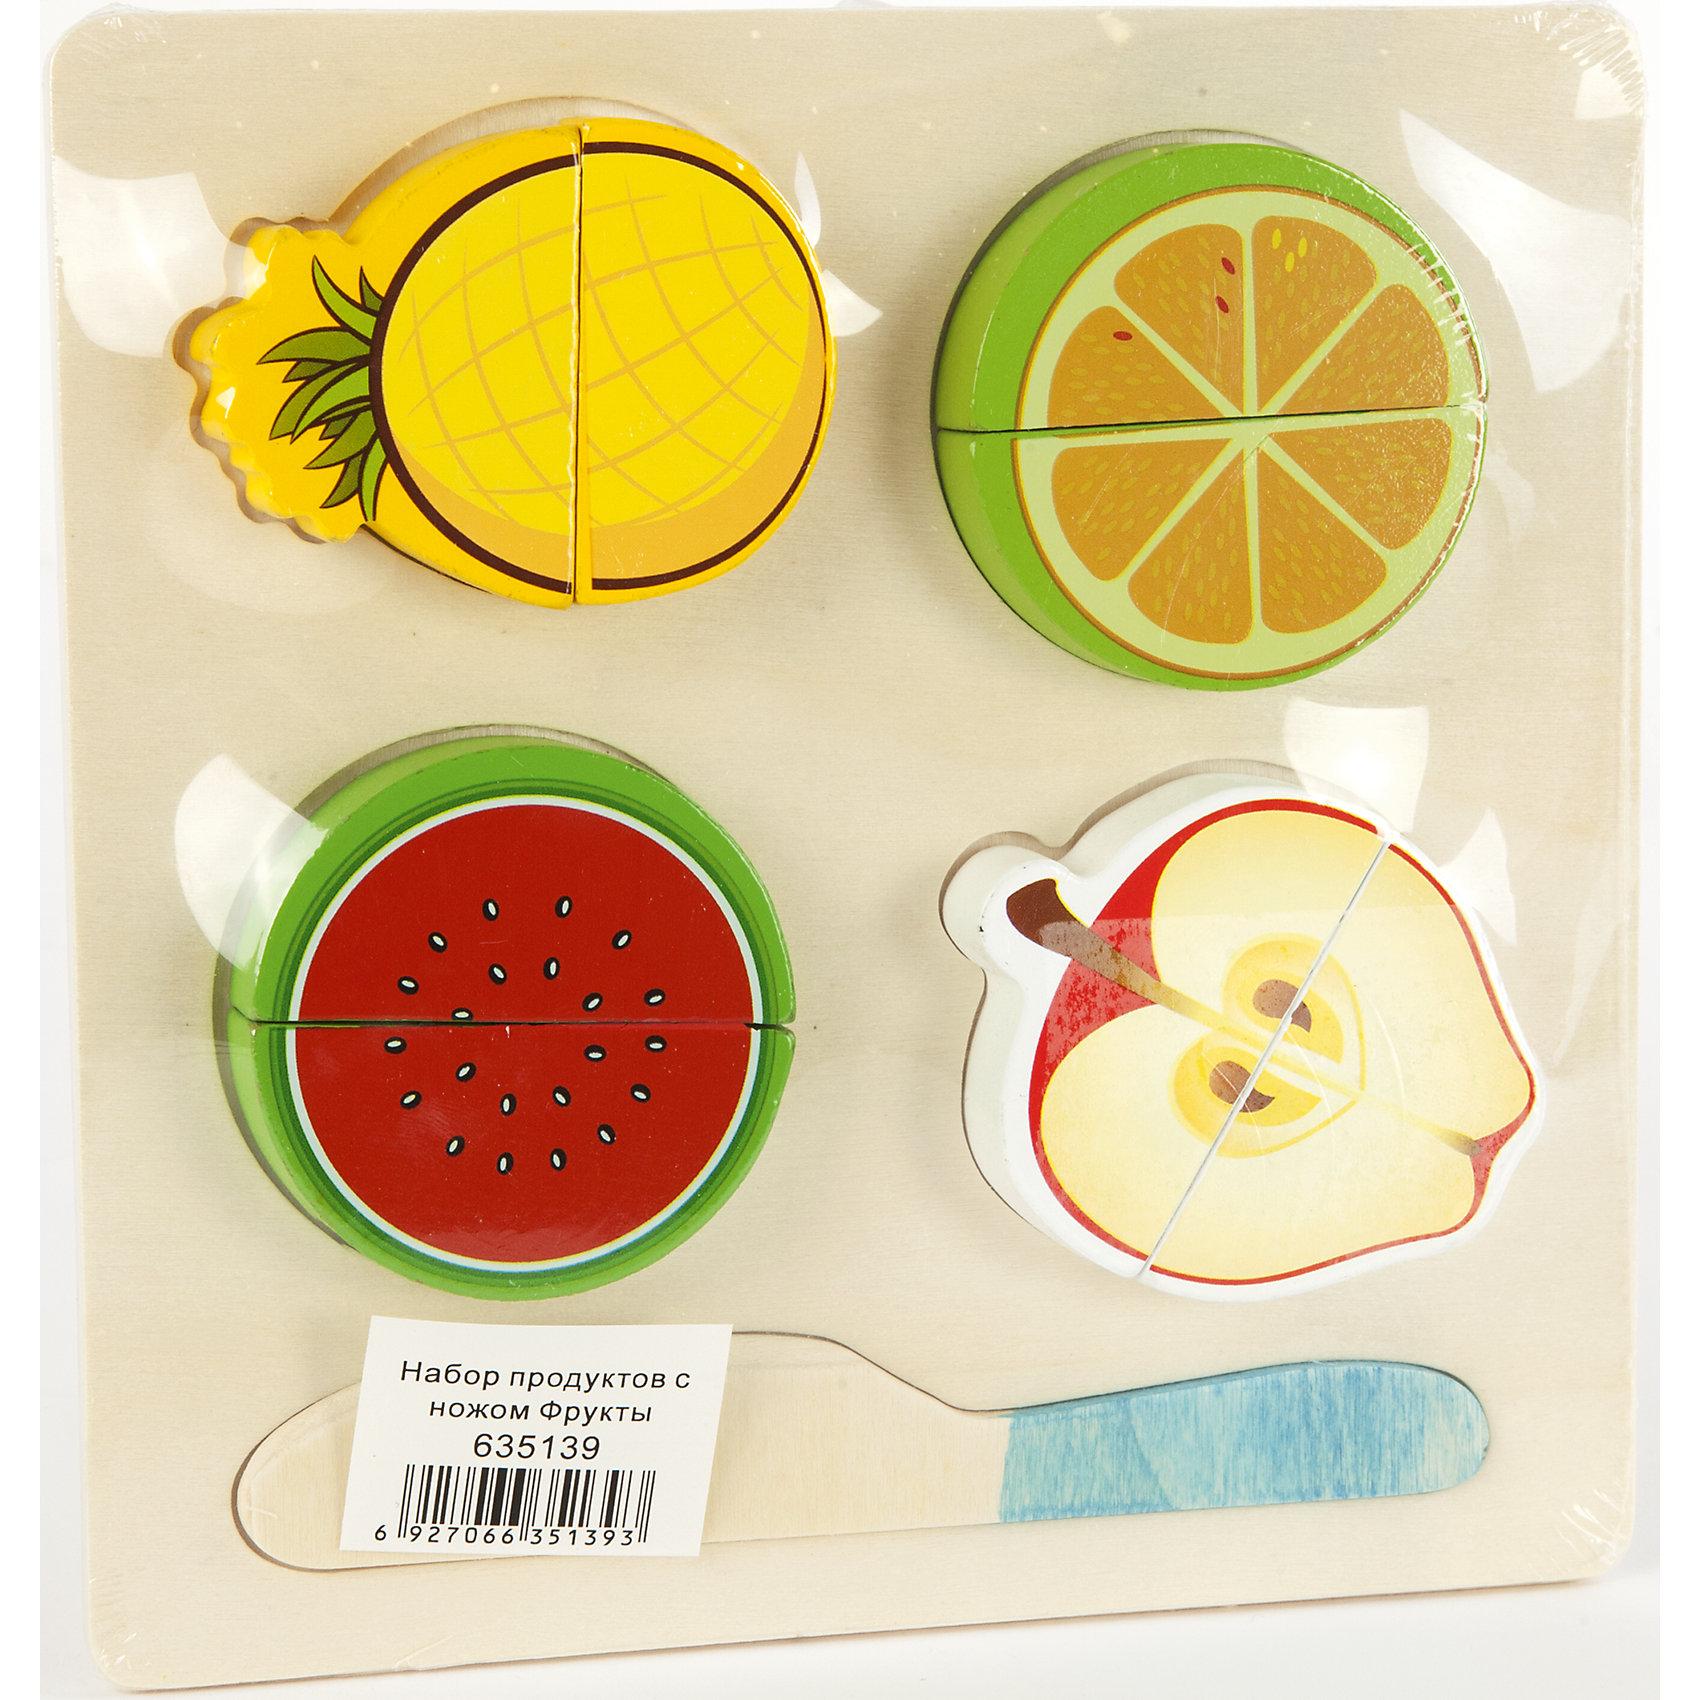 Набор продуктов с ножом Фрукты, Shantou GepaiИгрушечные продукты питания<br>Набор продуктов с ножом Фрукты, Shantou Gepai развлечет вашу кроху! Набор из разделочной доски, пластикового ножичка и четырех фруктов привлечет внимание малыша и сделает игру в повара и кухню еще увлекательнее. Каждые кусочки фруктов соединены между собой липучками и ребенок разделяет их «разрезая» ножичком из набора. Готовьте вкусные салаты, компоты и варенье, с таким набором все по плечу. Играя с таким набором ребенок развивает моторику ручек и развивает навыки логического мышления.<br><br>Дополнительная информация:<br><br>- В комплект входит: 1 доска, 1 ножичек, яблочко, ананас, апельсин, арбуз<br>- Материал: пластик<br>- Размер с упаковкой: 18 * 18 * 2 см<br>- Вес: 0,42 кг.<br><br>Набор продуктов с ножом Фрукты, Shantou Gepai можно купить в нашем интернет-магазине.<br><br>Подробнее:<br>• Для детей в возрасте: от 2 до 6 лет<br>• Номер товара: 4925553<br>Страна производитель: Китай<br><br>Ширина мм: 180<br>Глубина мм: 20<br>Высота мм: 180<br>Вес г: 602<br>Возраст от месяцев: 36<br>Возраст до месяцев: 120<br>Пол: Унисекс<br>Возраст: Детский<br>SKU: 4925553